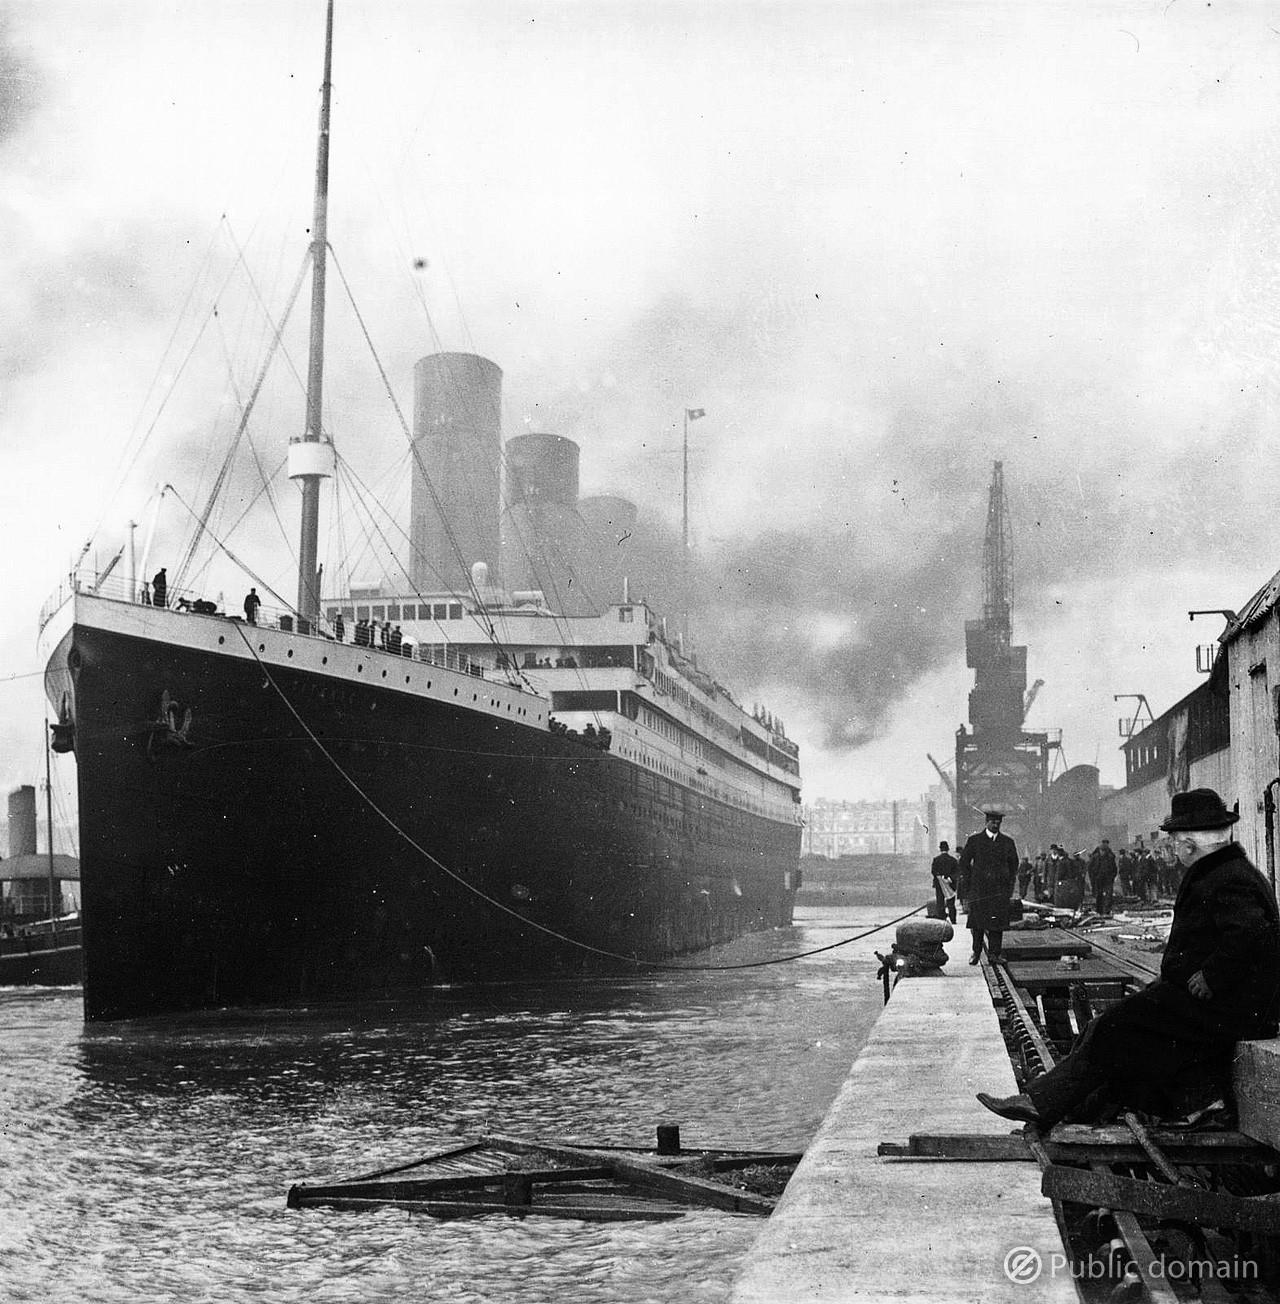 タイタニック号と港 / titanic in port